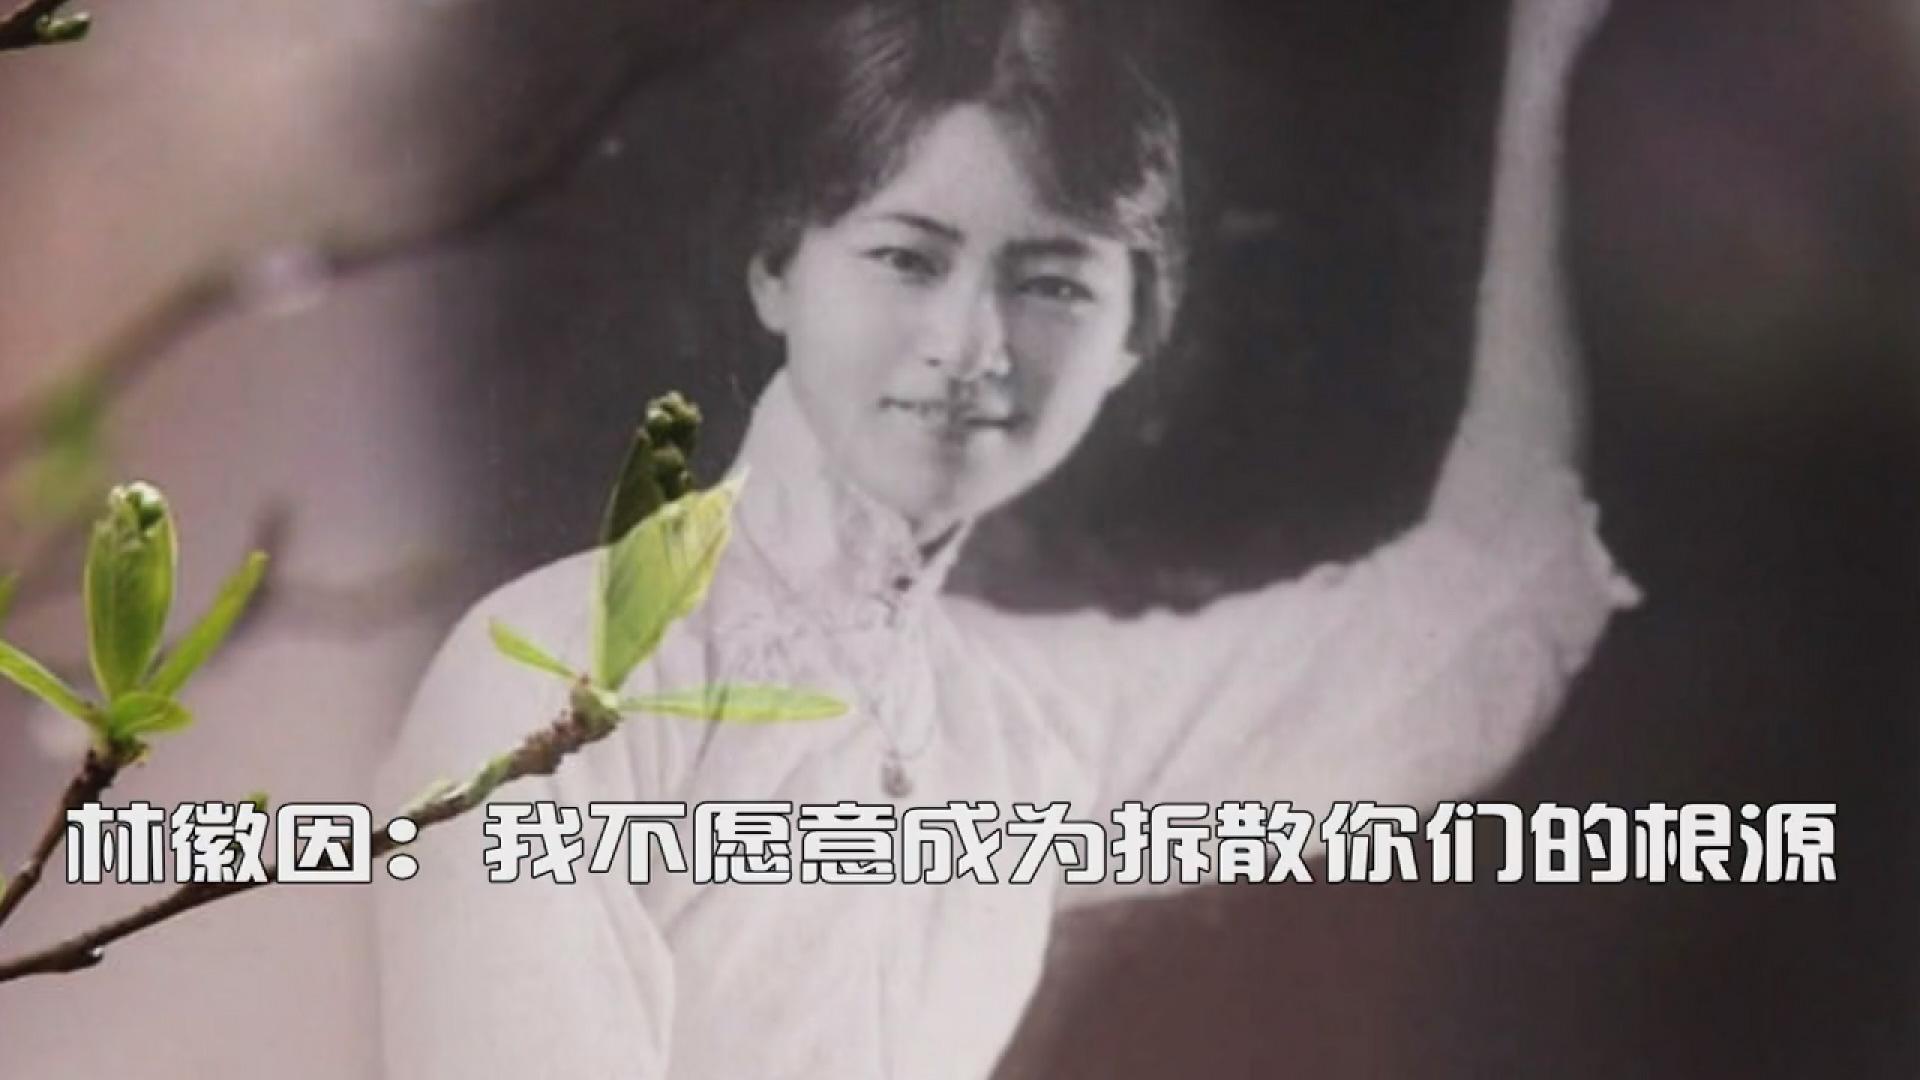 林徽因:我不愿意成为拆散你们的根源(上)